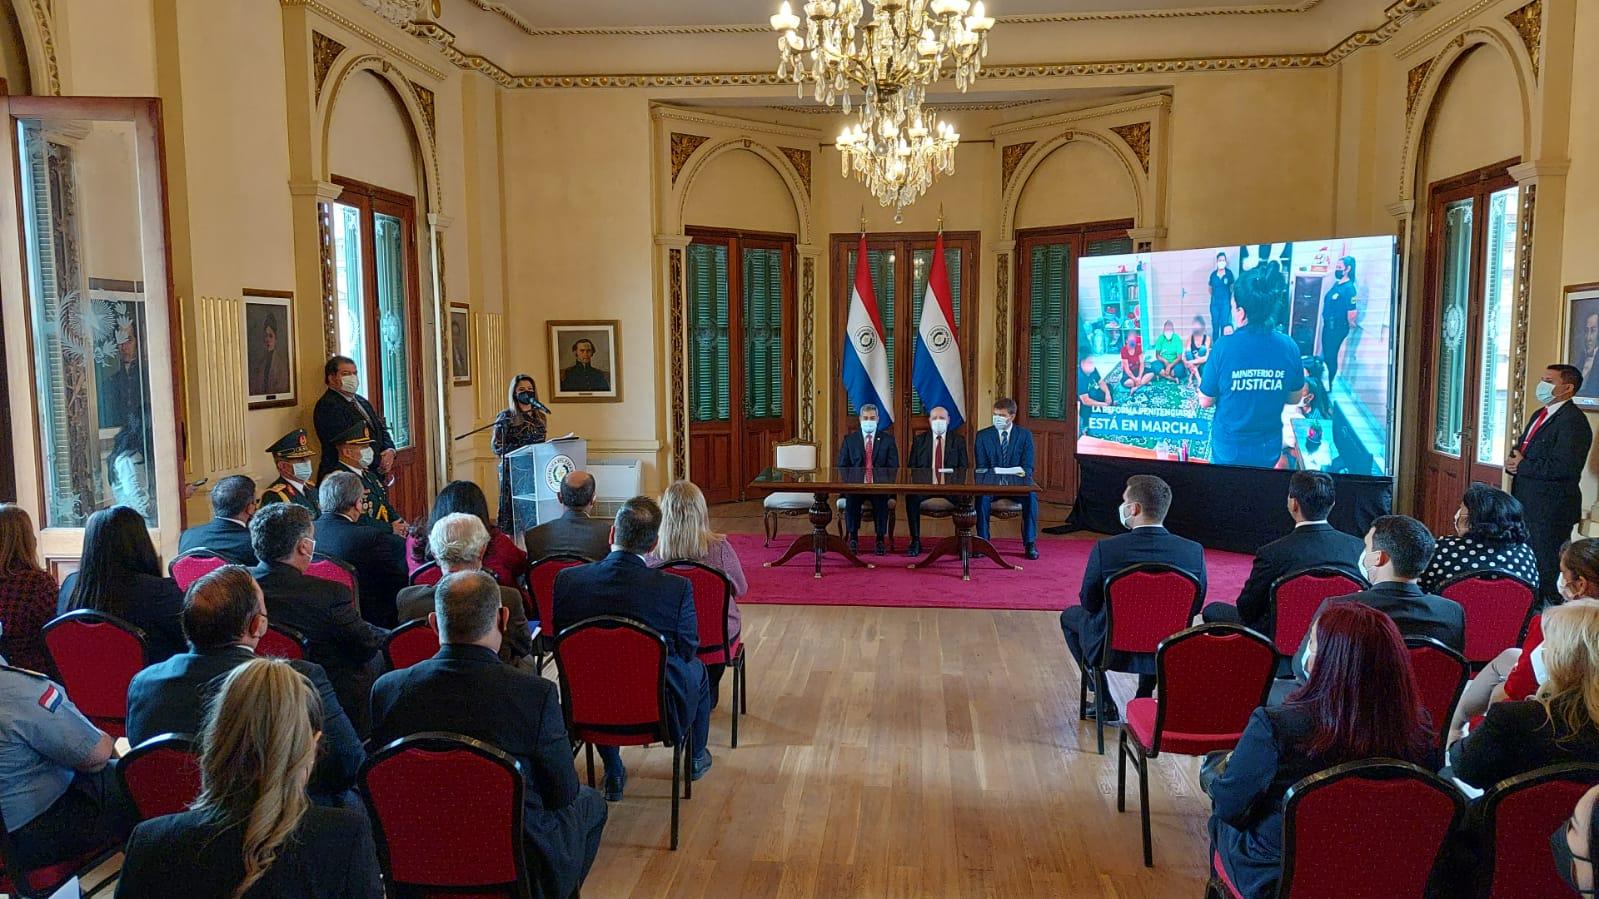 (Español) Lanzamiento del Instituto Técnico Superior de Educación y Formación Penitenciaria en Paraguay